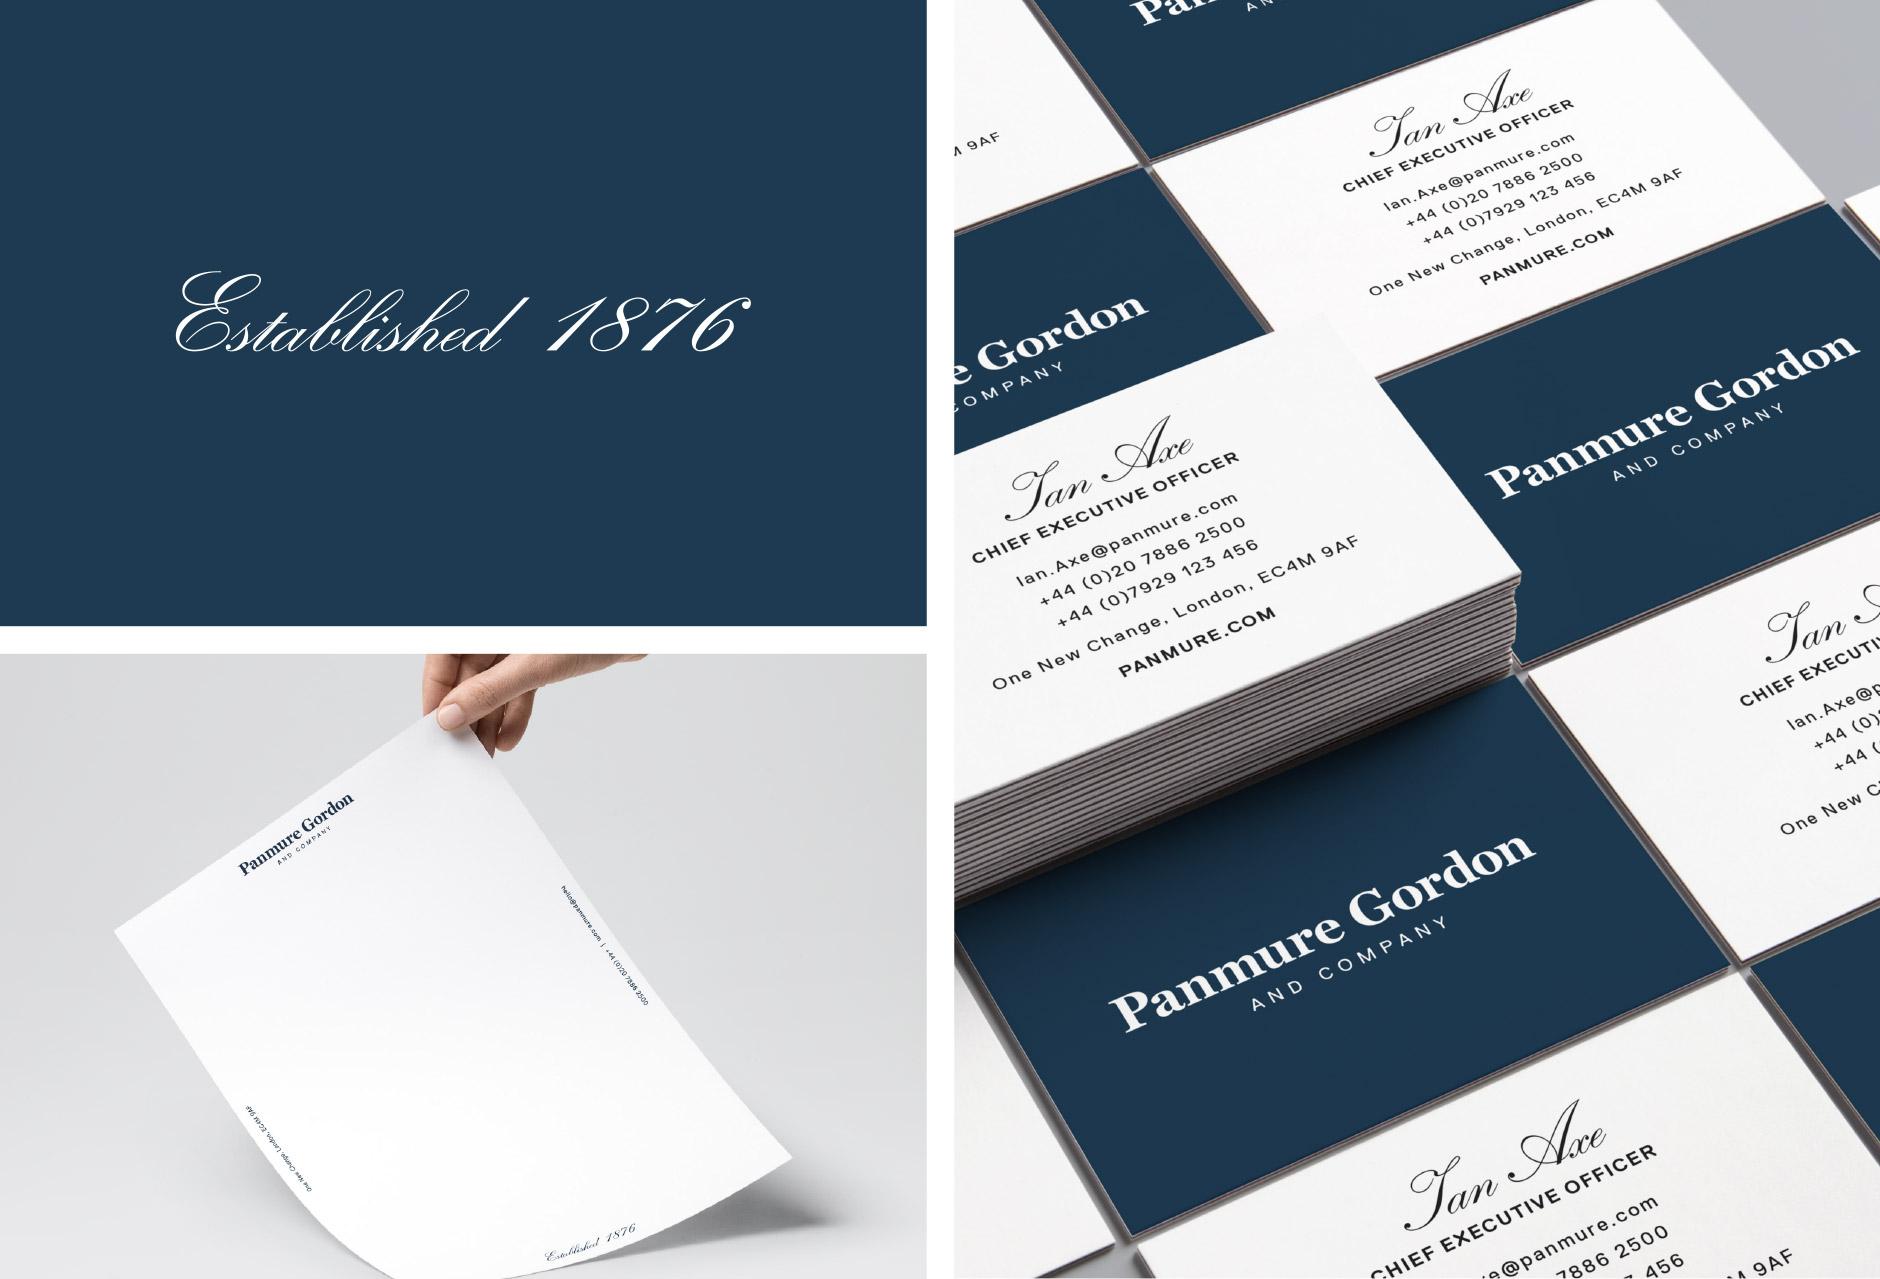 Panmure_Gordon_branding2